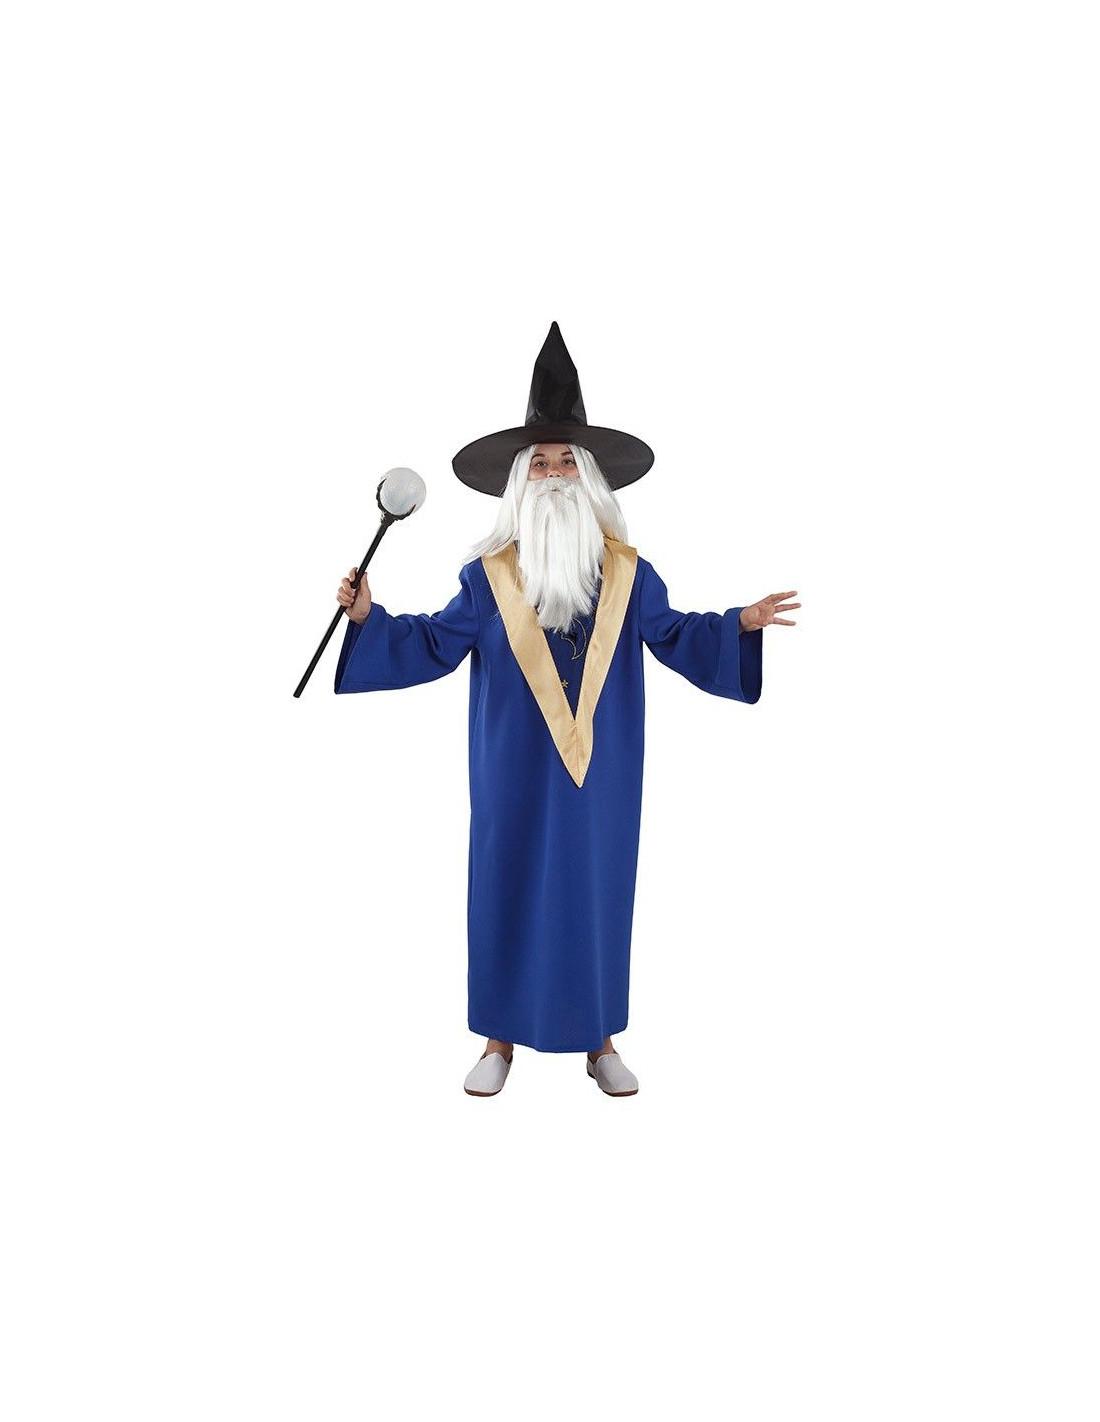 727bc897f Disfraz de Mago Merlín para niño - Comprar en Tienda Disfraces Bacanal